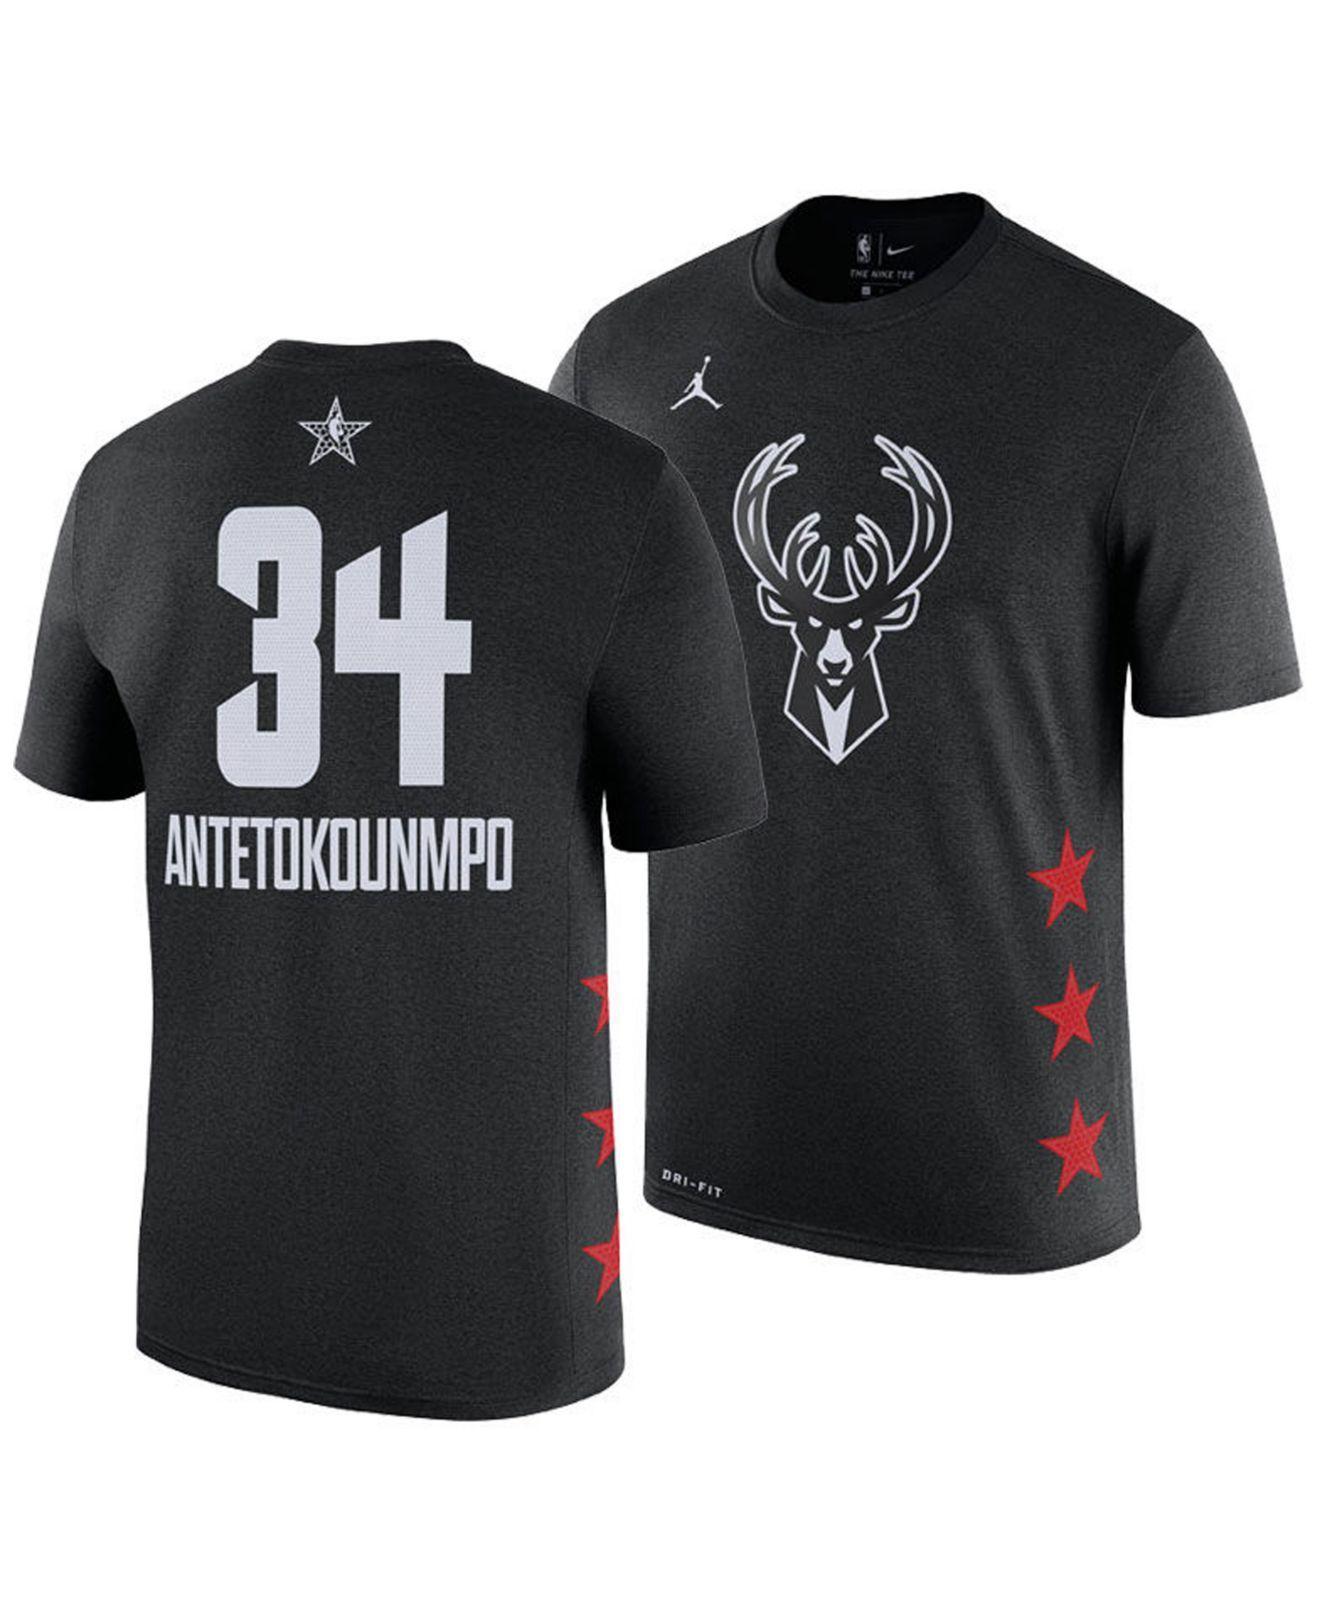 a21435eedc4 Nike. Men's Black Giannis Antetokounmpo Milwaukee Bucks All-star Player T- shirt